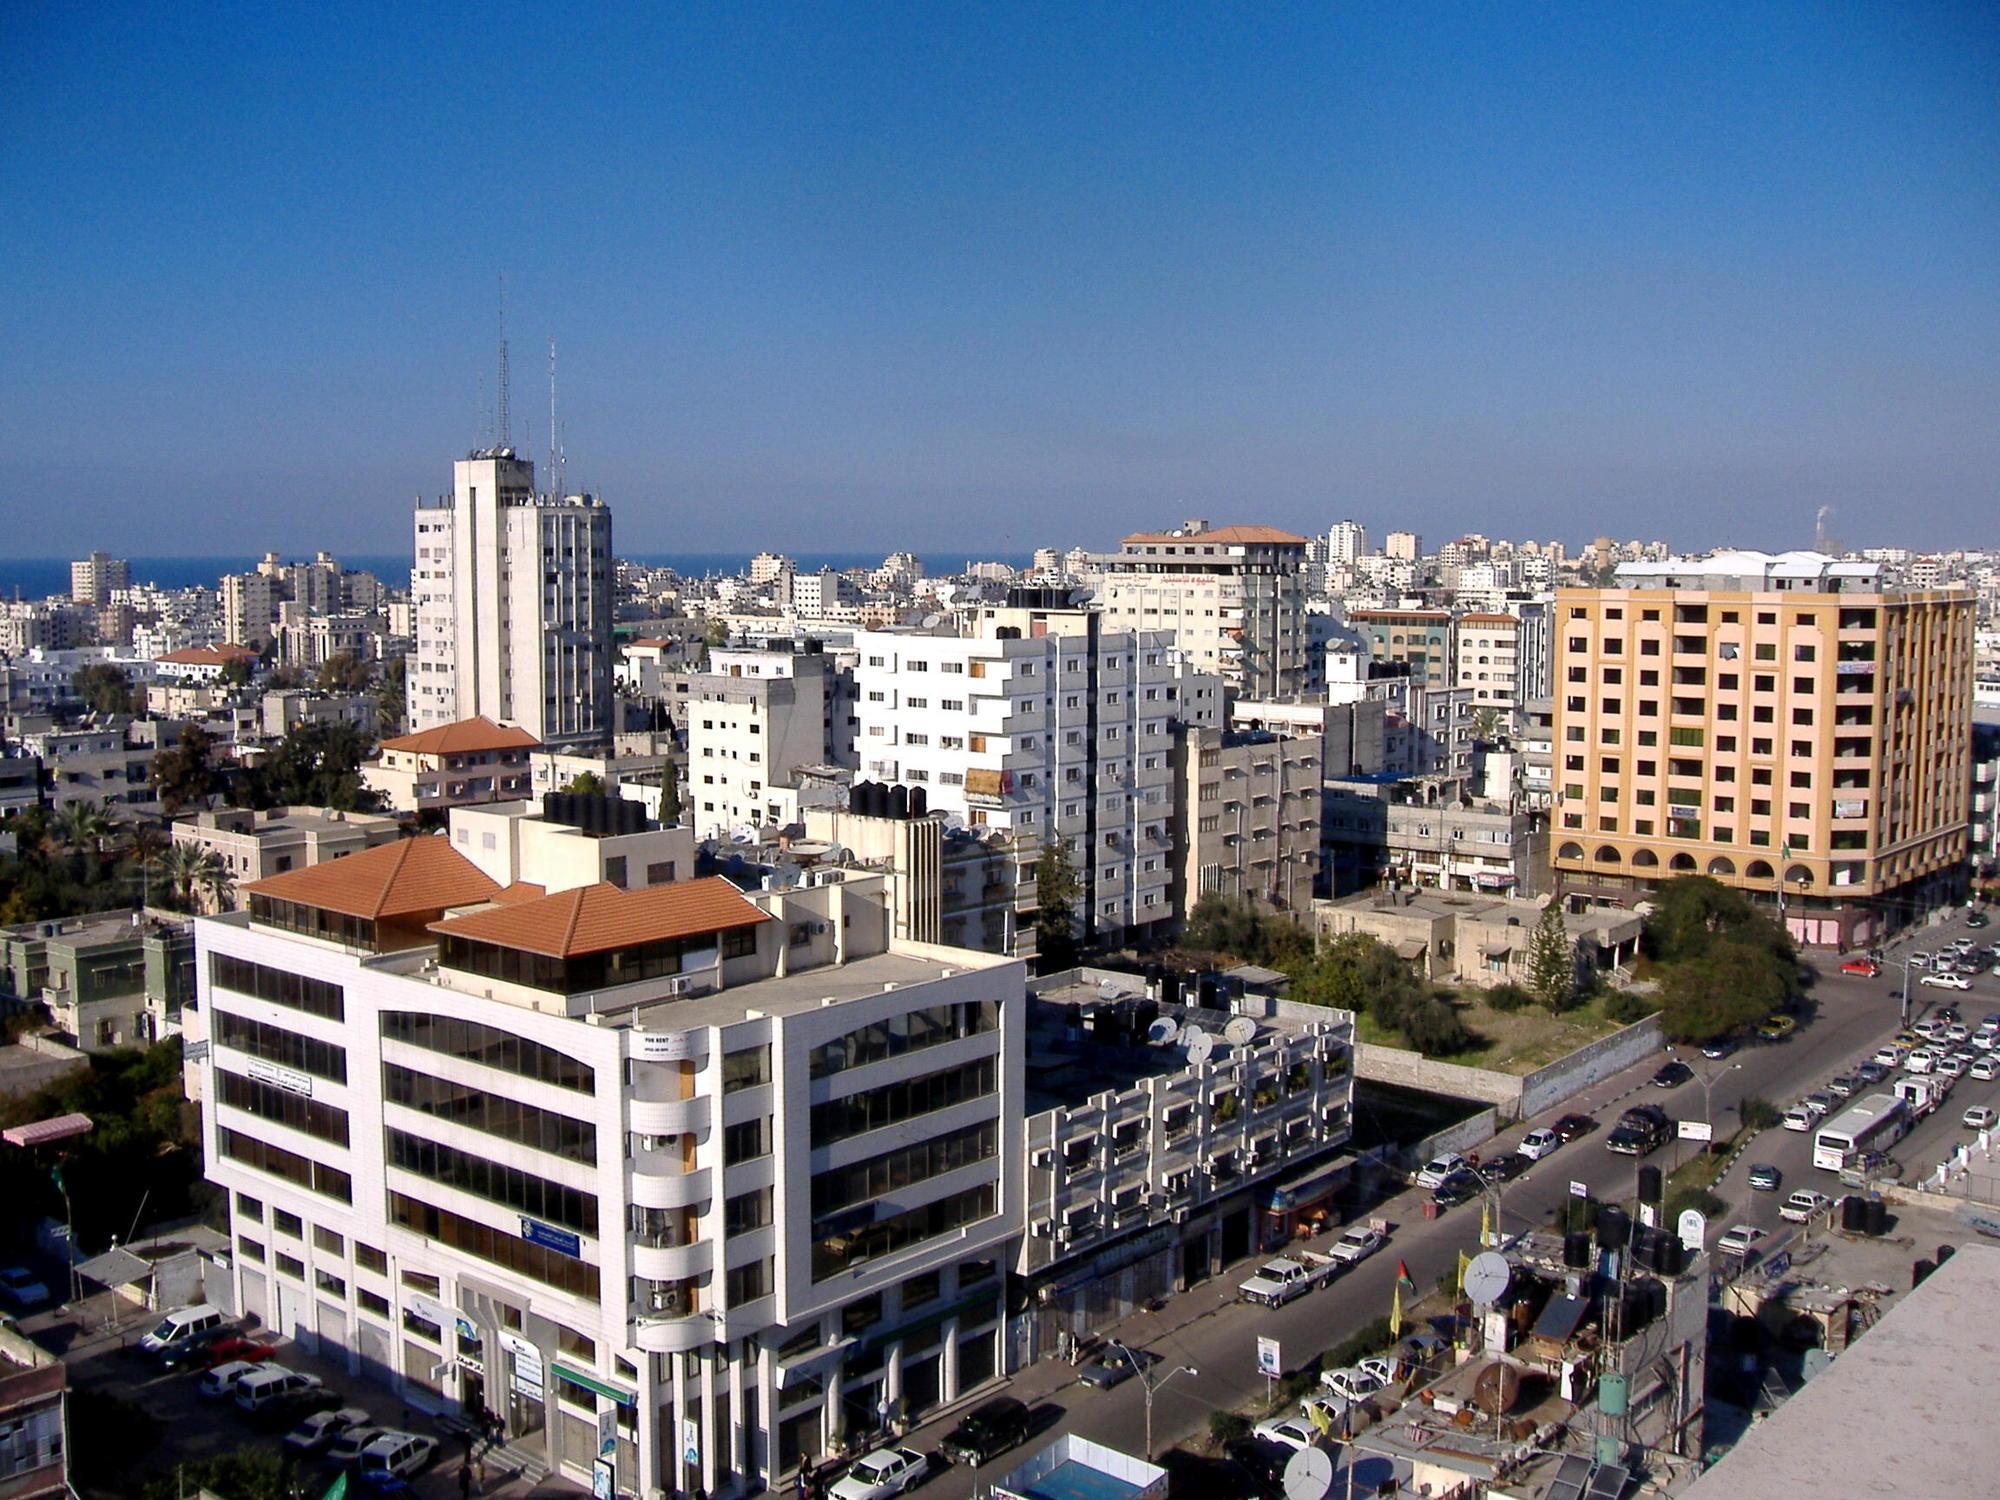 مدينة غزة في فلسطين